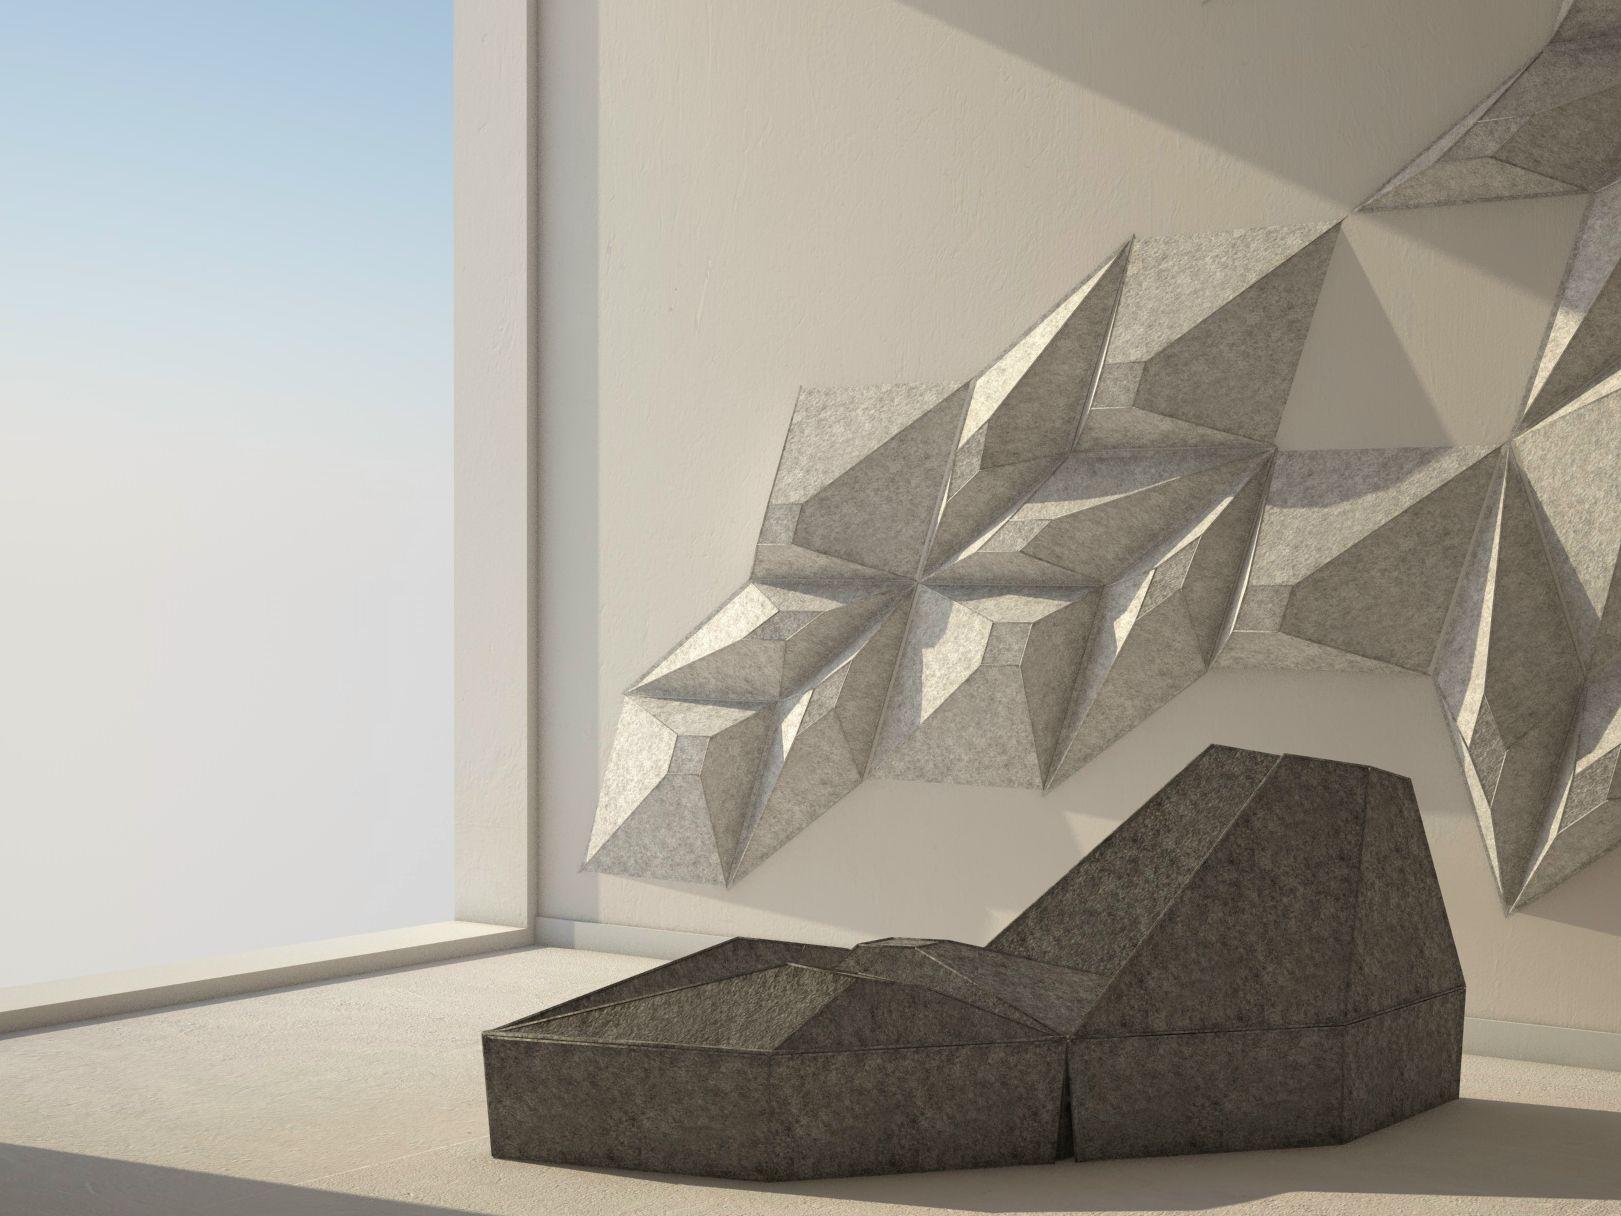 les angles panneaux acoustiques d coratifs by smarin